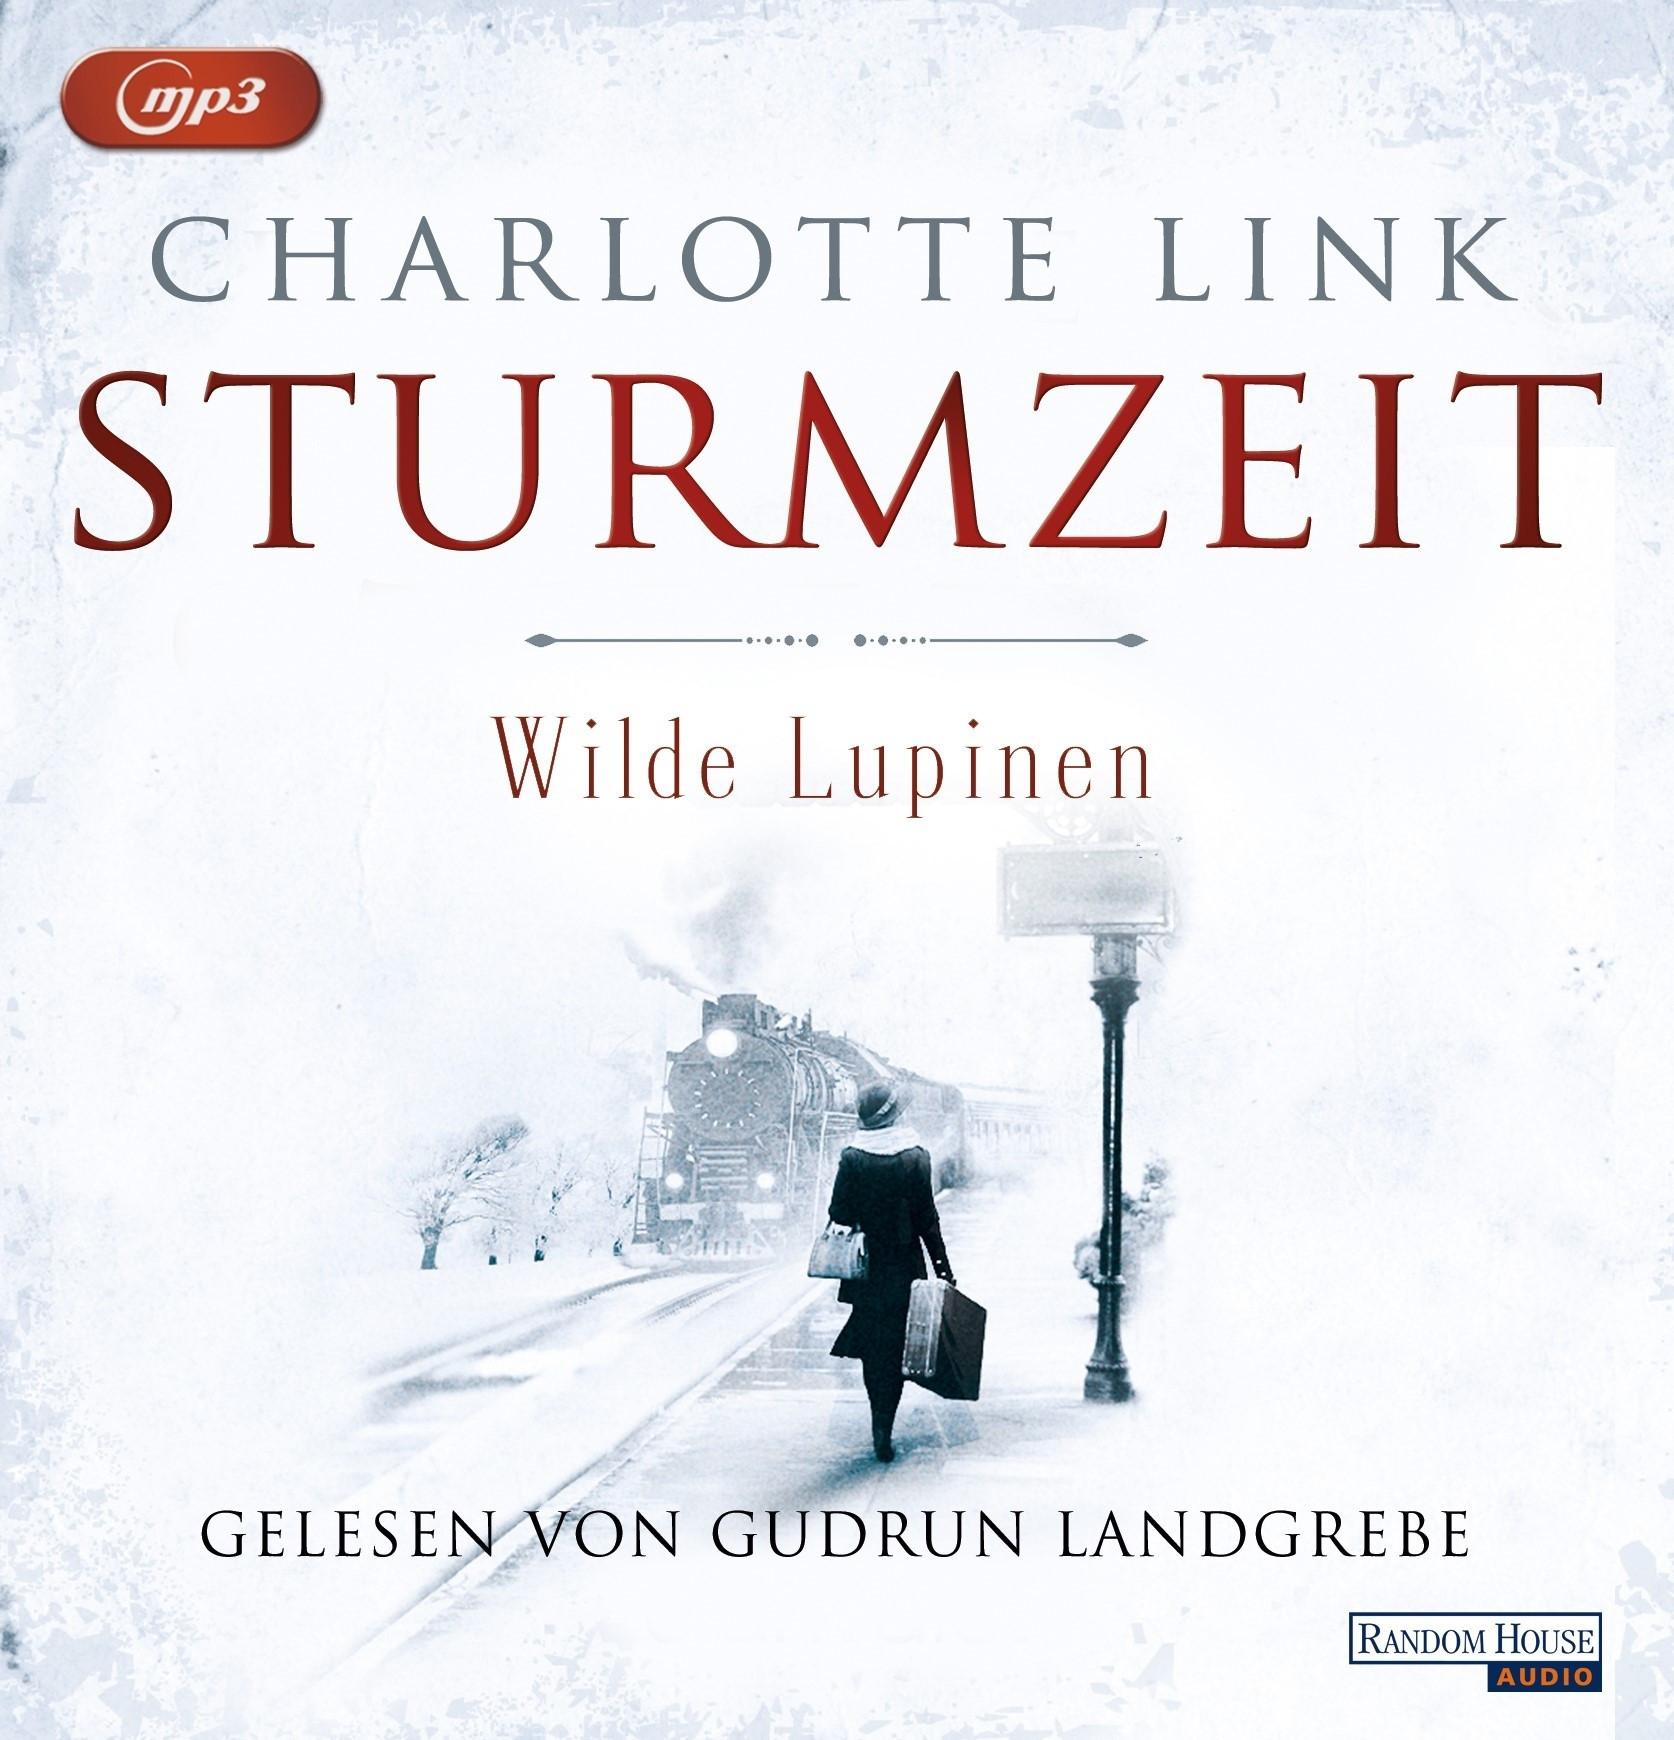 Charlotte Link - Sturmzeit - Wilde Lupinen: Die Sturmzeittrilogie (2)